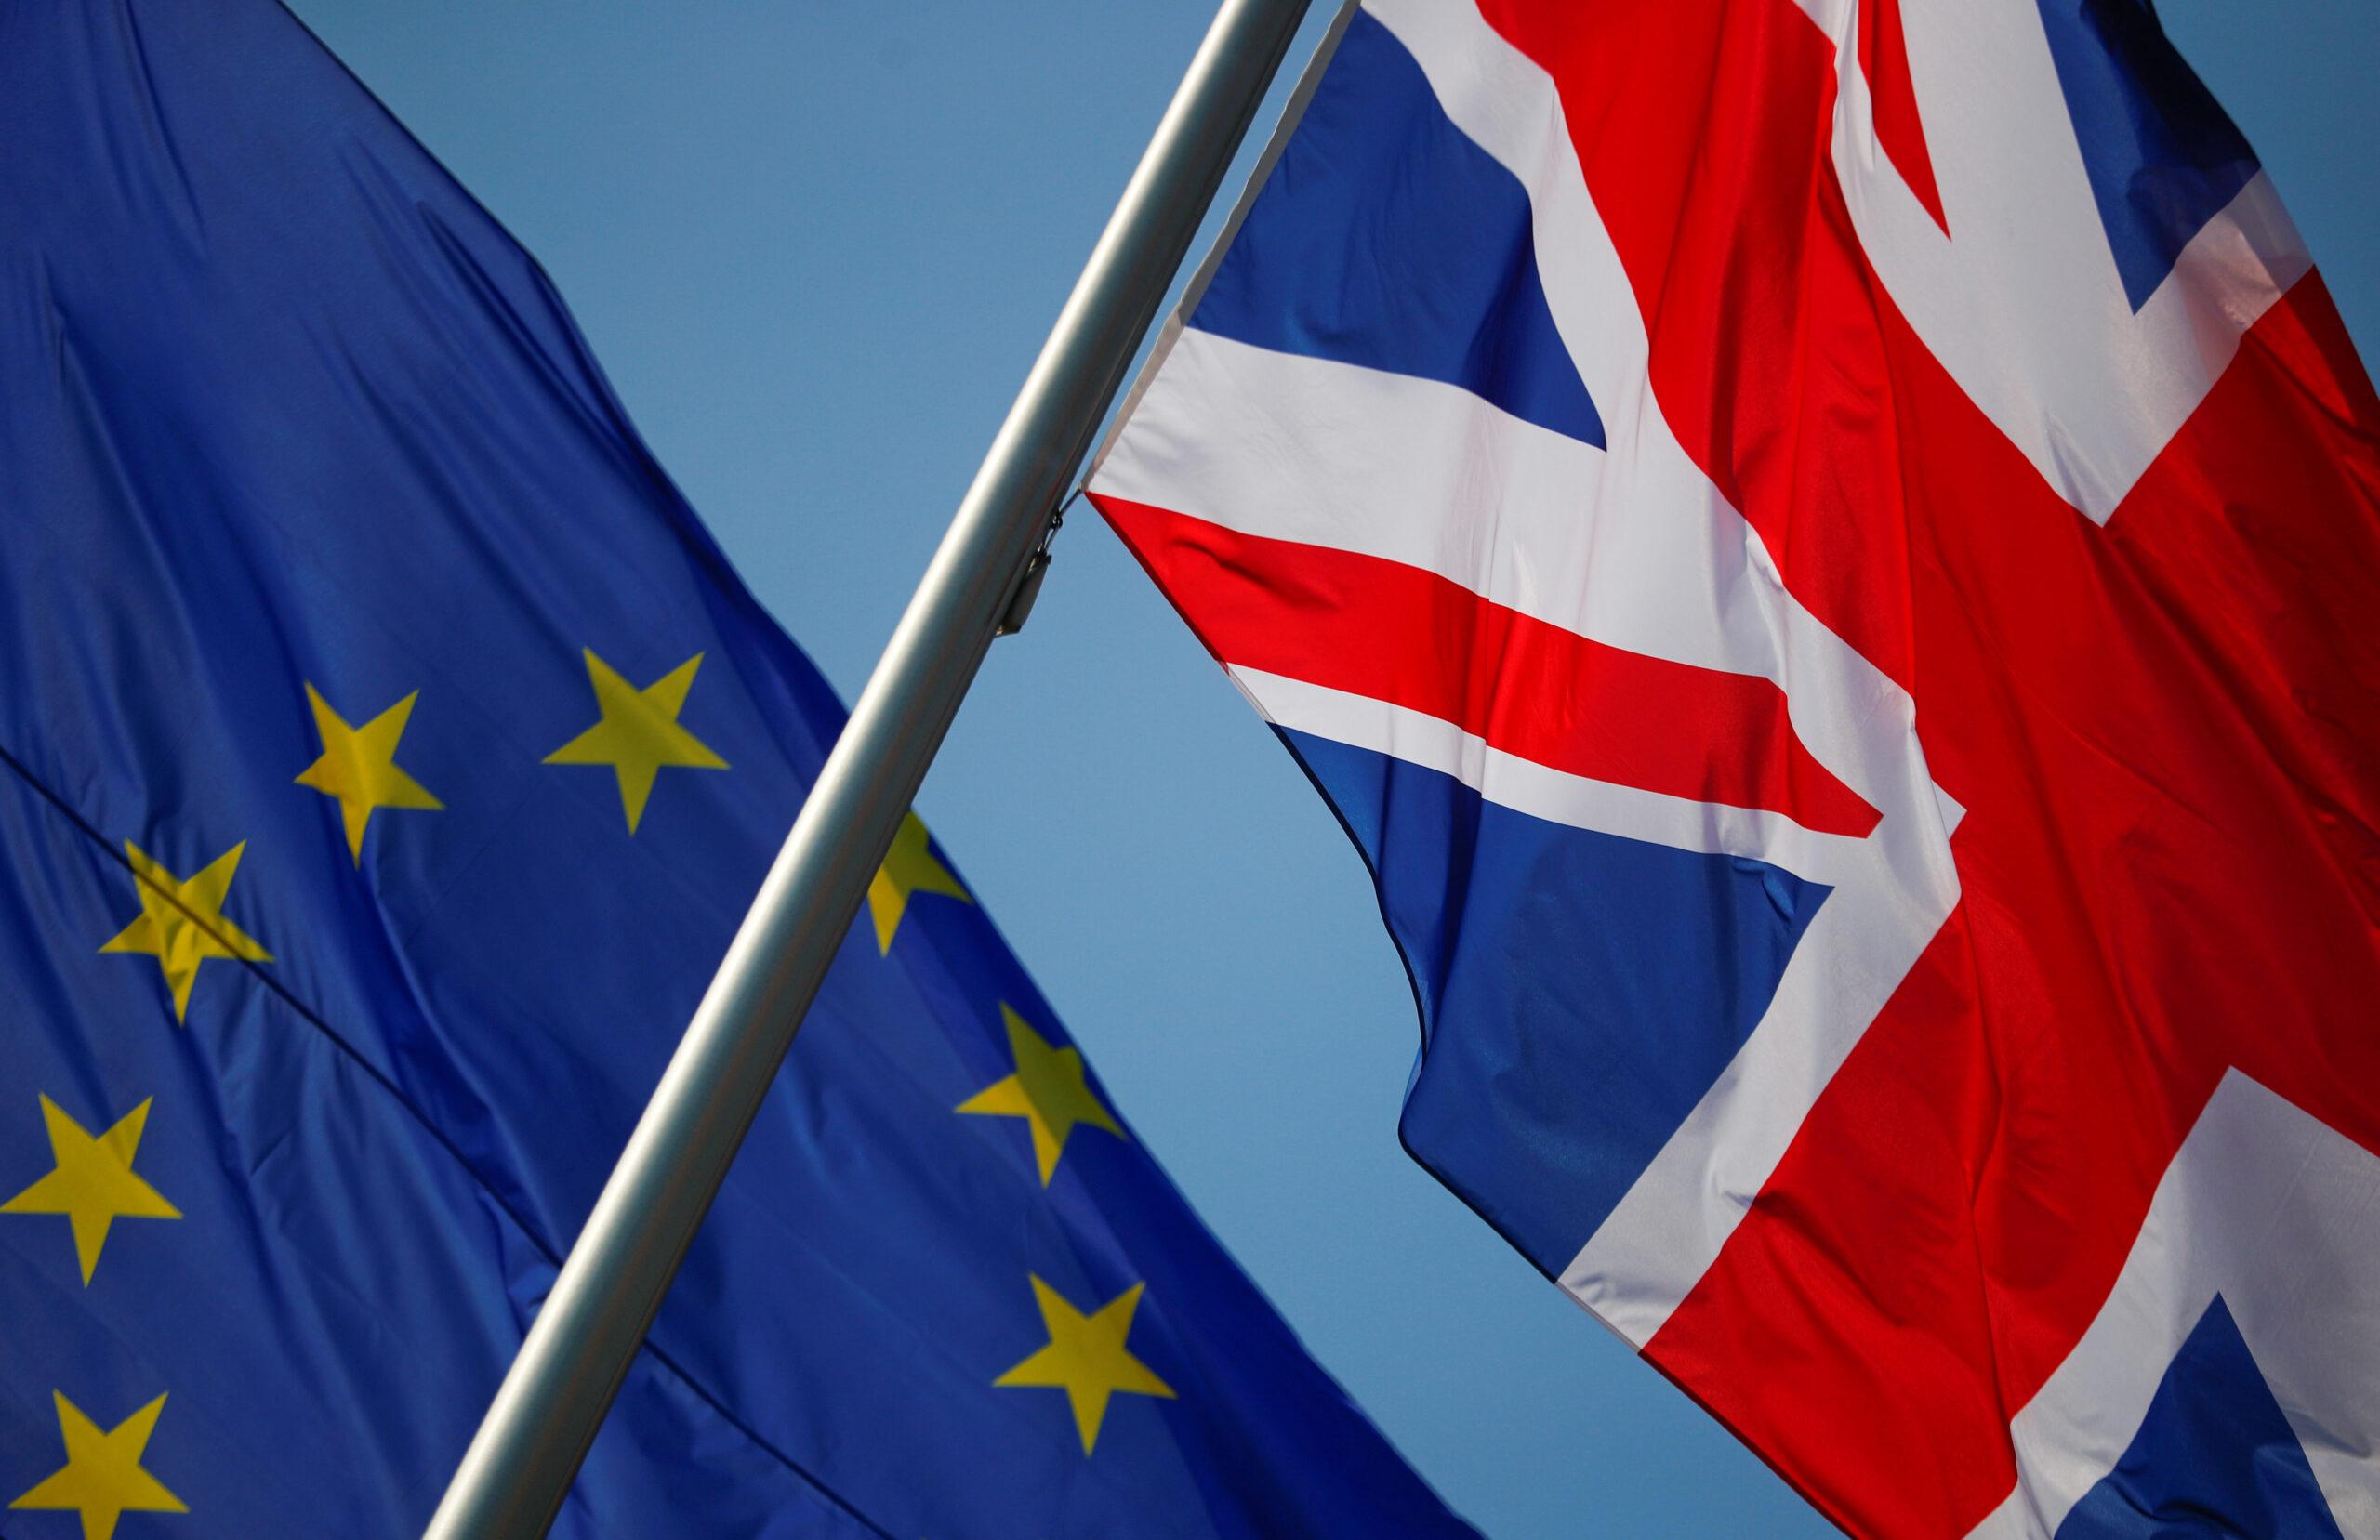 FOTO DE ARCHIVO. Banderas de Unión Europea y del Reino Unido ondean en Berlín, Alemania. 9 de abril de 2019. REUTERS/Hannibal Hanschke